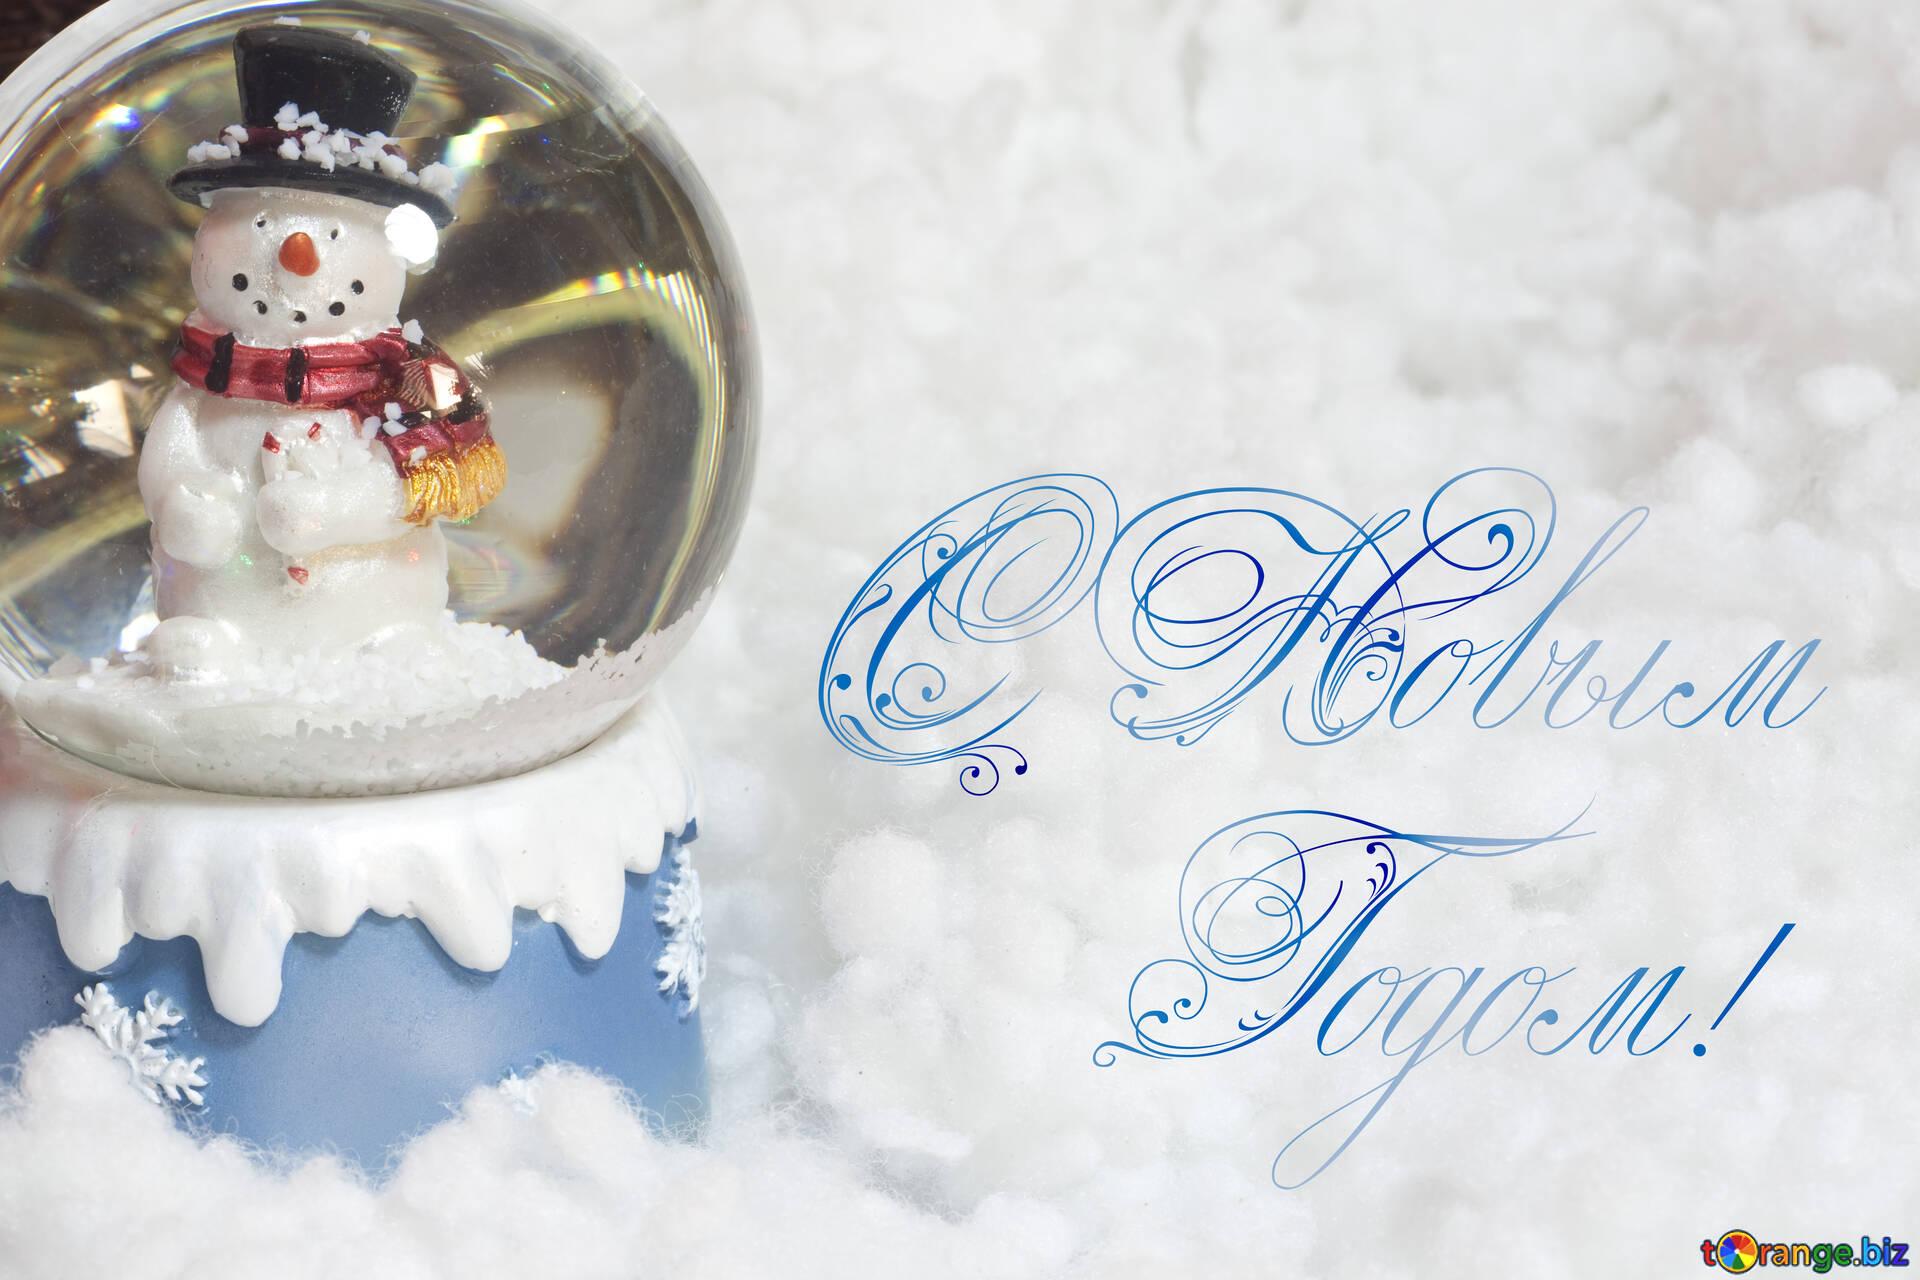 Картинки, открытки клиентам с новым годом и рождеством 2019